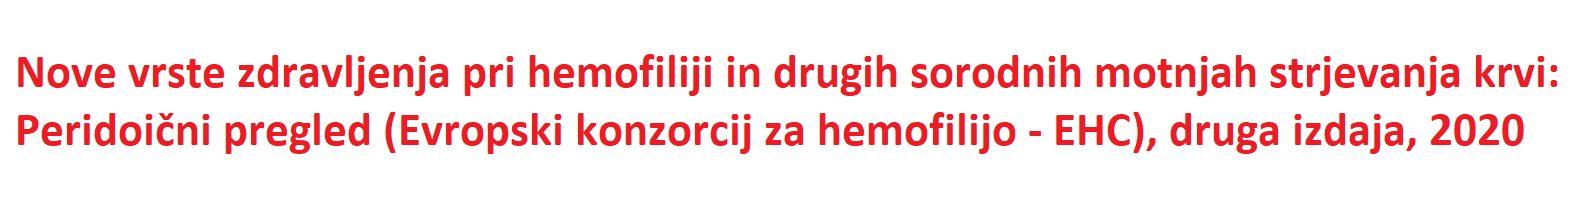 ehcc1 1jpg